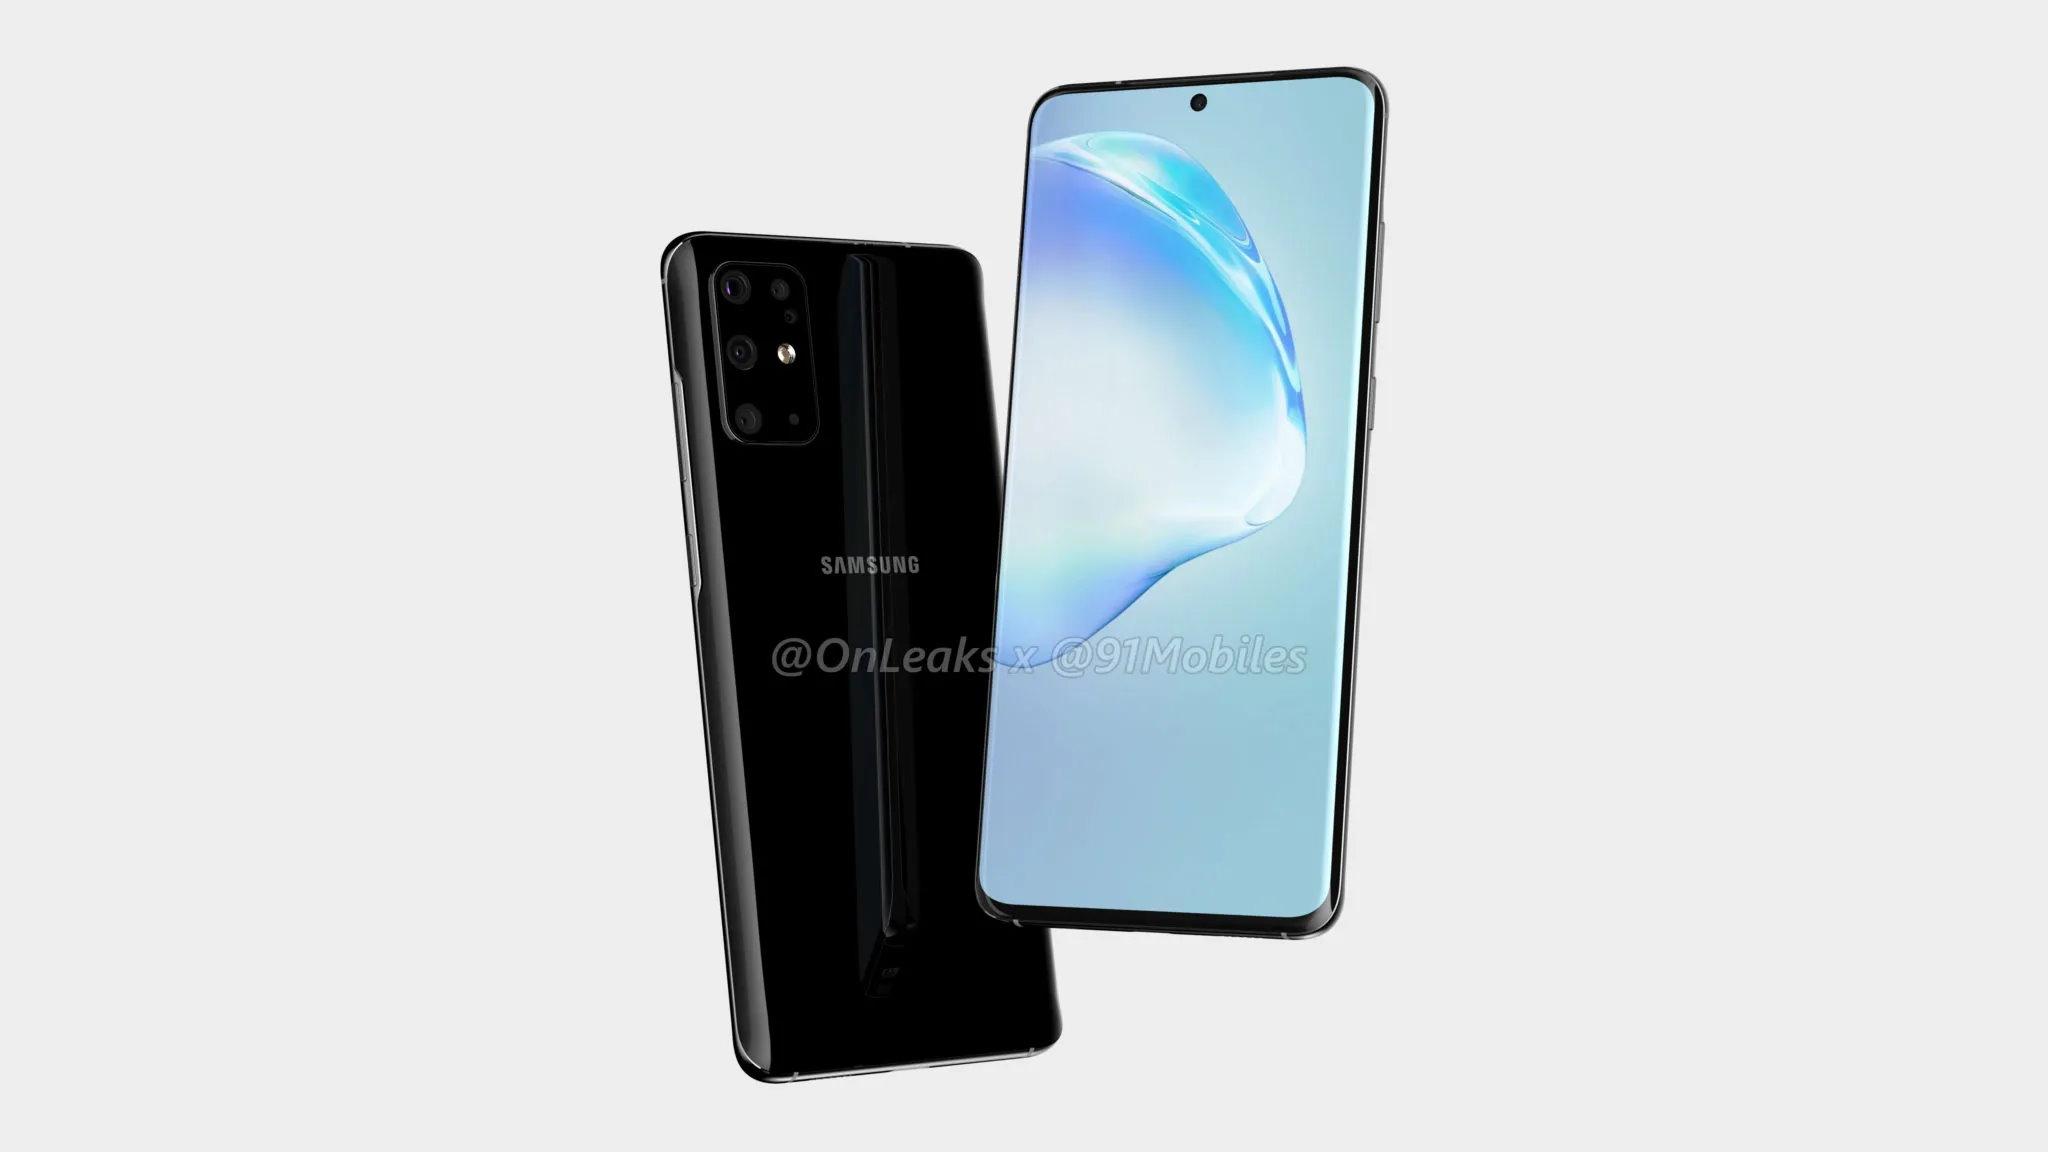 Samsung Galaxy S20 (S11) : One UI 2.0 révèle plus d'infos sur la photo et la vidéo